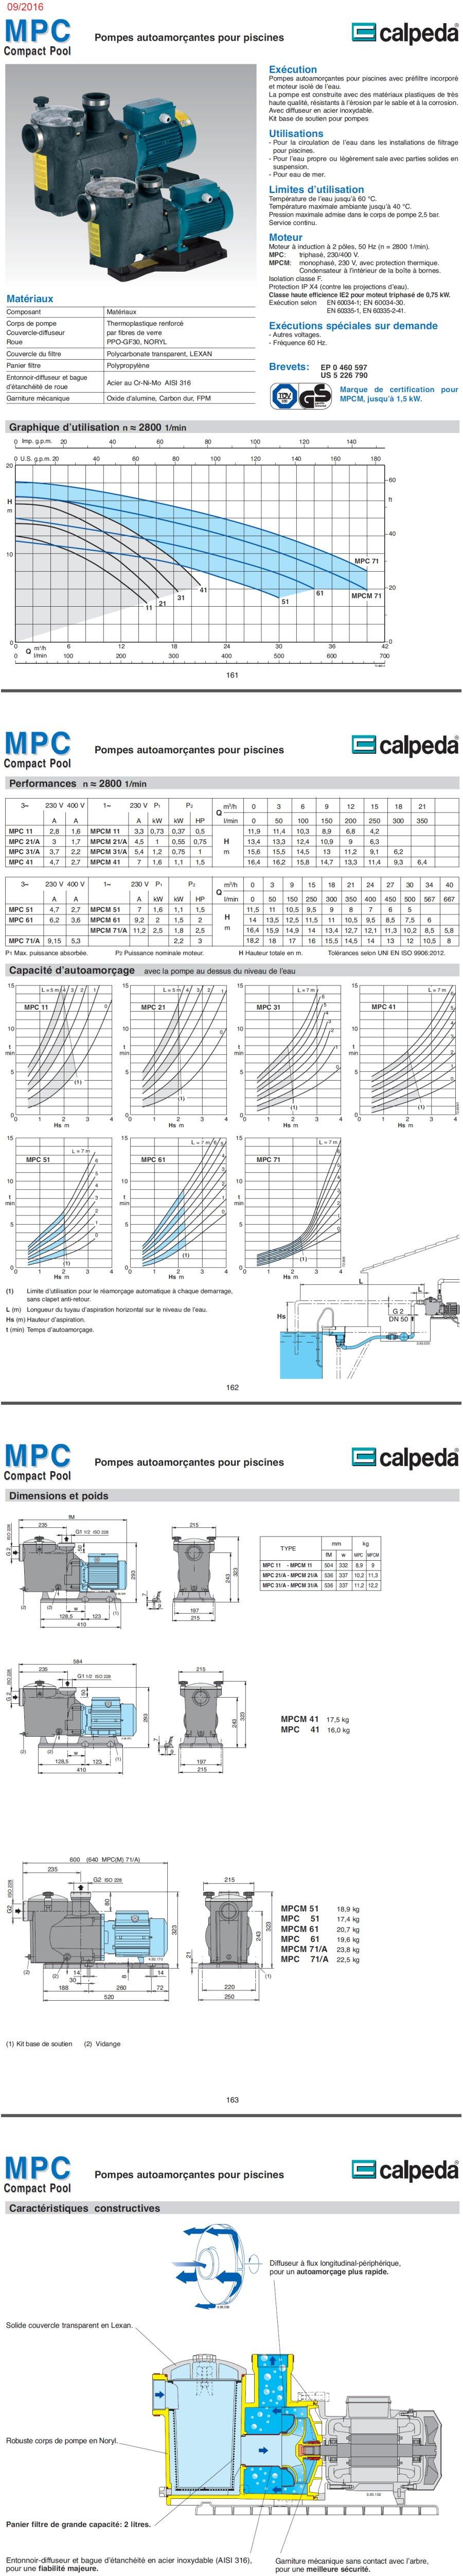 Fiche tecnique  Calpeda MPCM 31/A